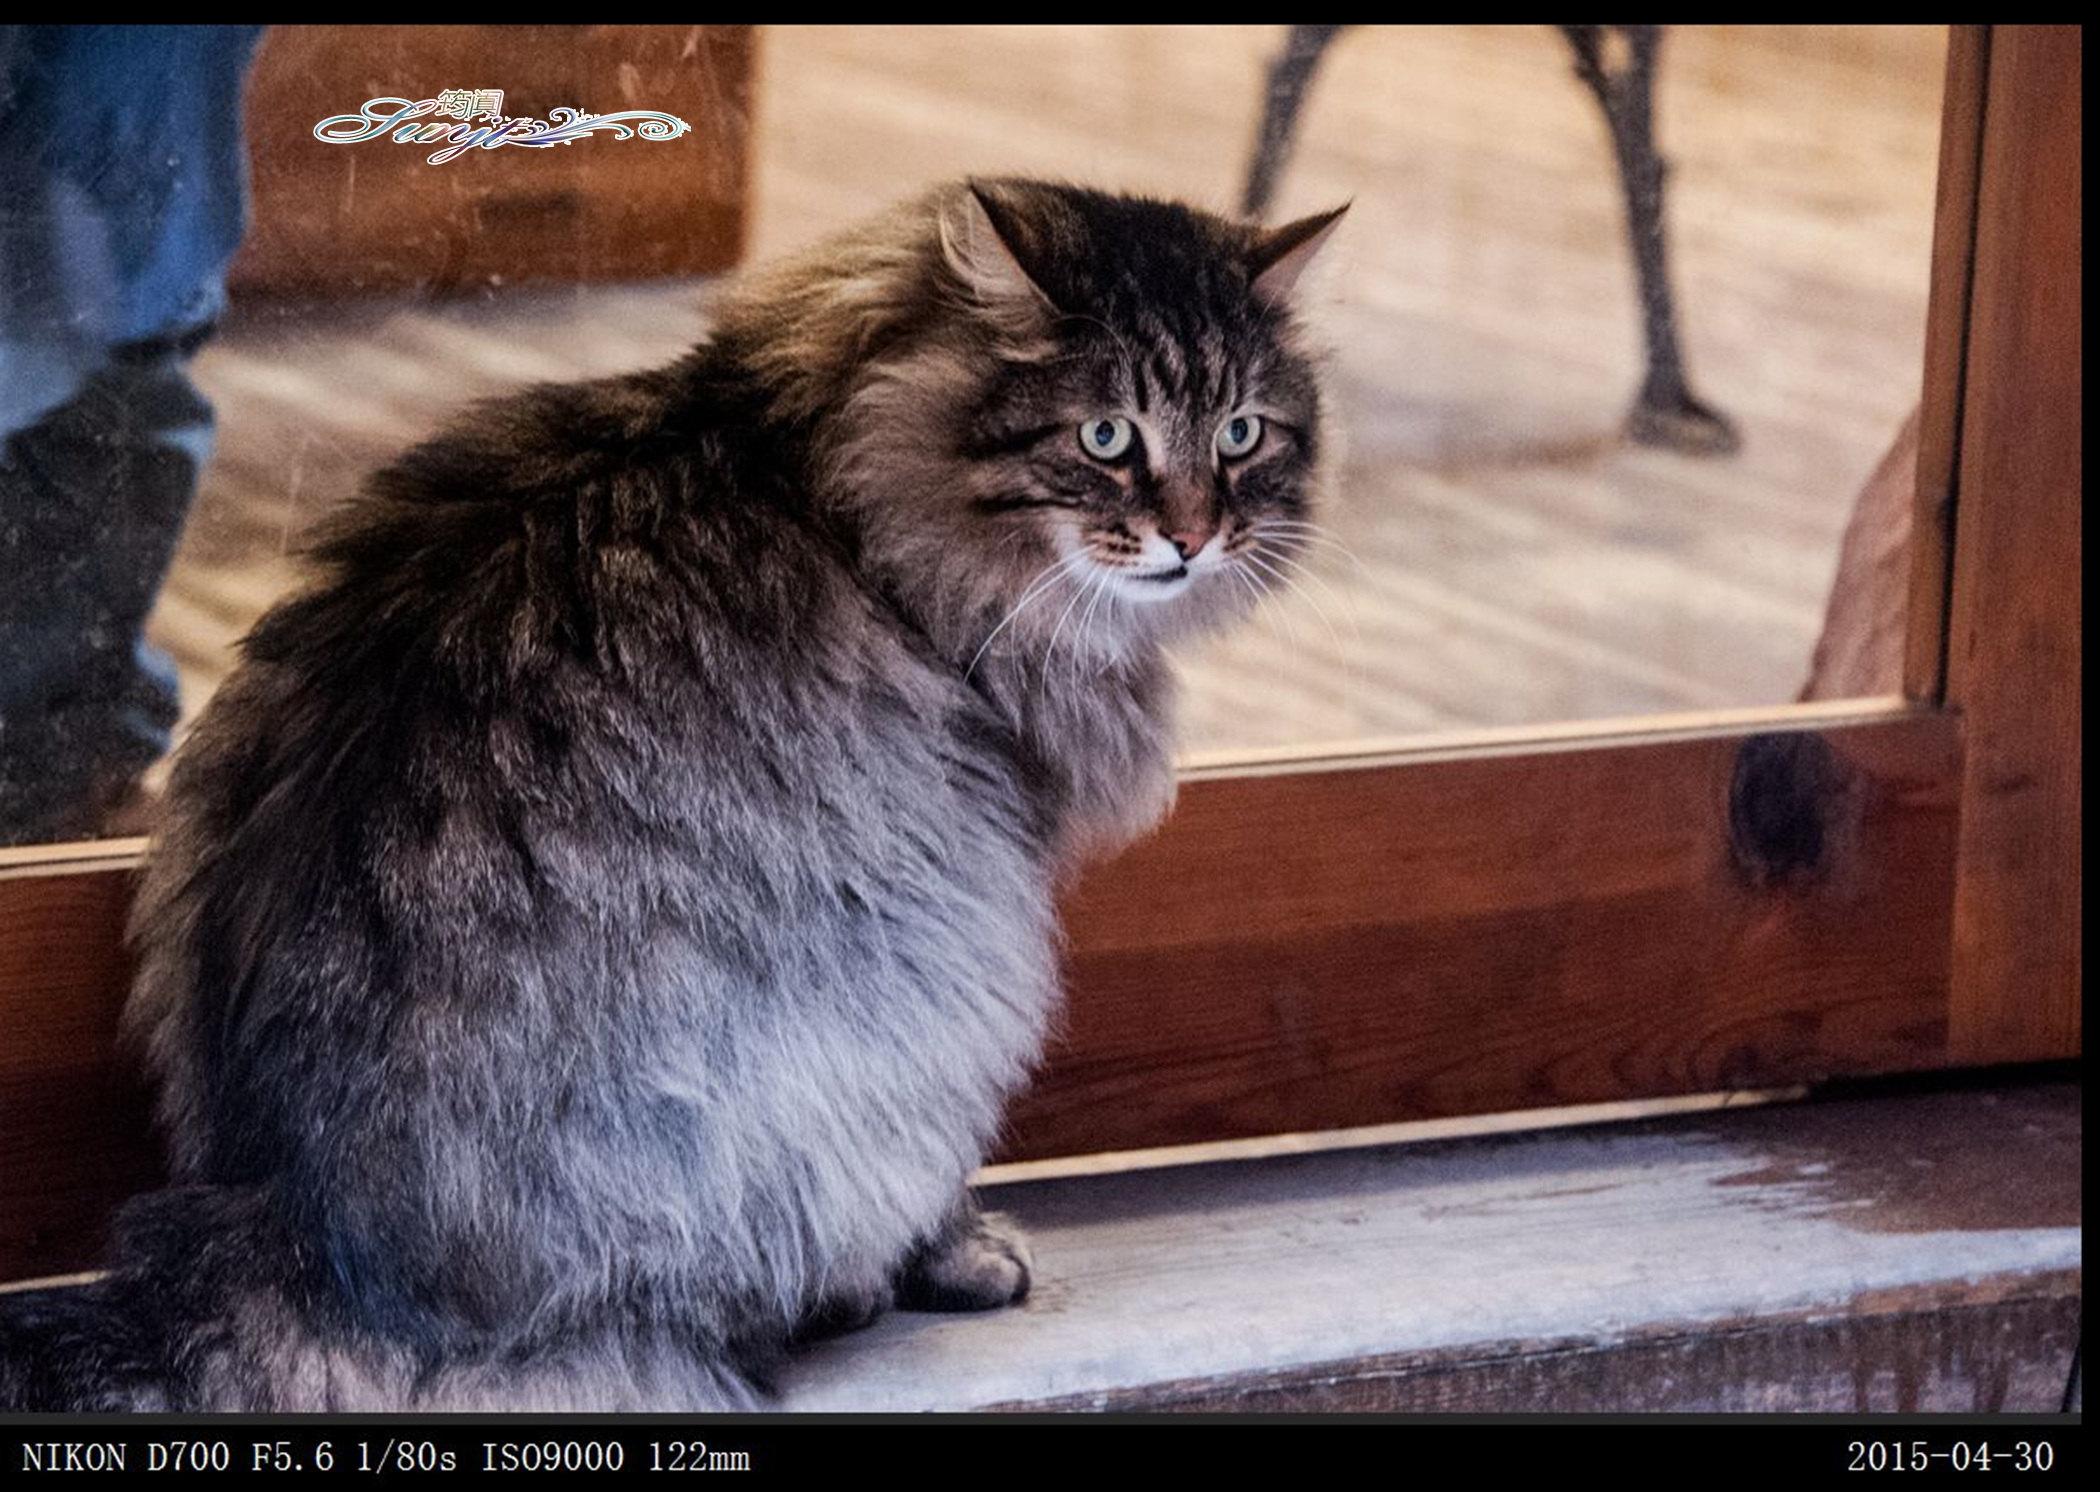 壁纸 动物 狗 狗狗 猫 猫咪 小猫 桌面 2100_1492